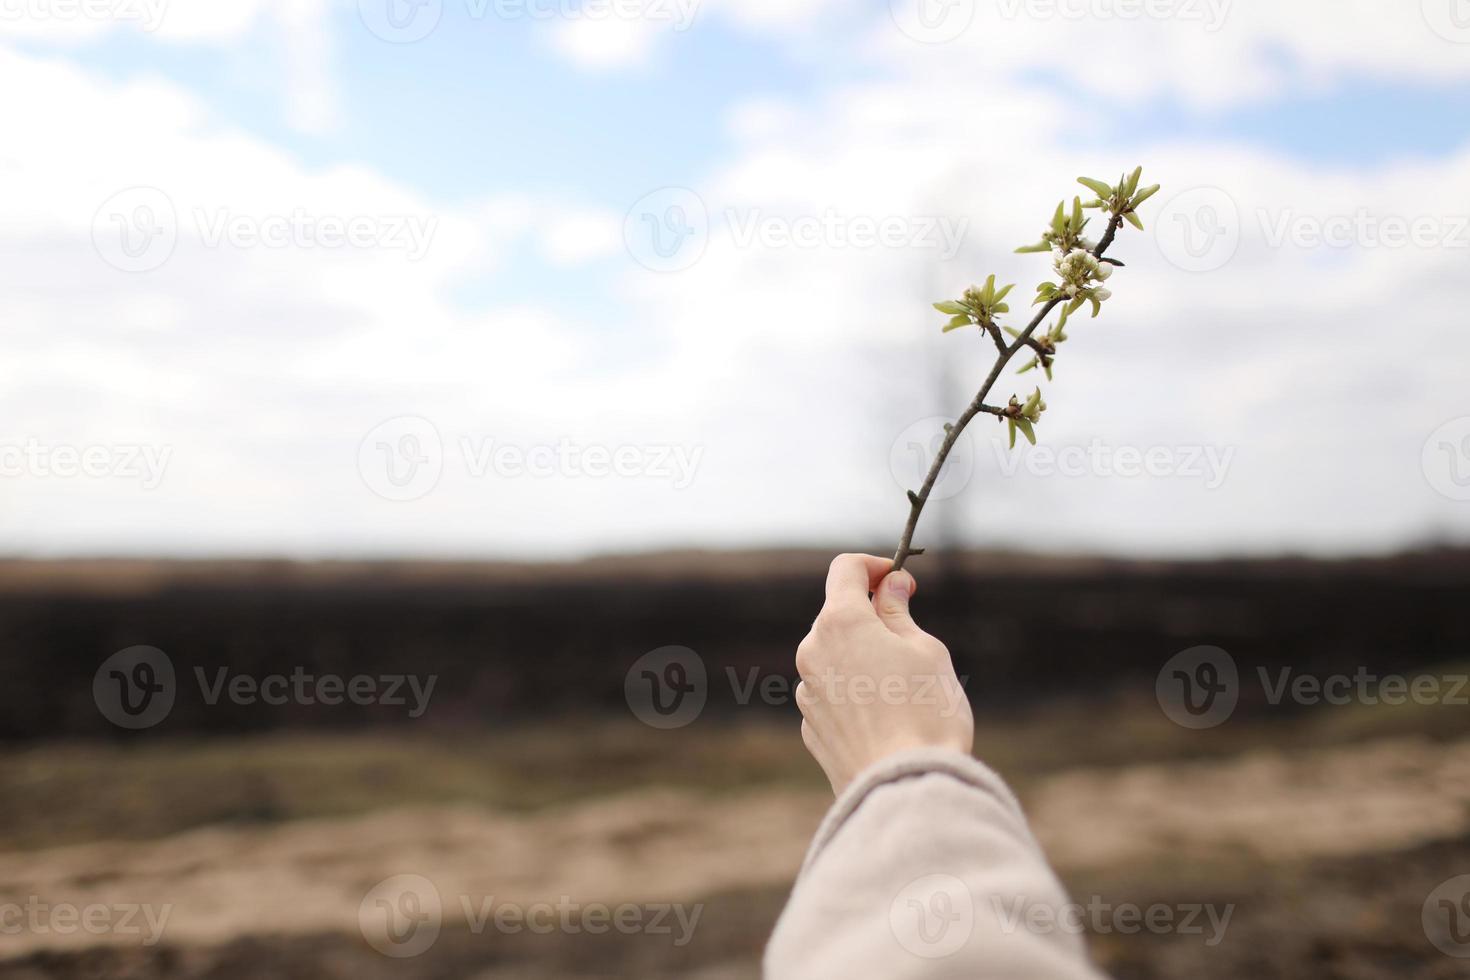 la main féminine tient une brindille verte sur un fond d'herbe brûlée et de ciel. pollution et restauration de l'écologie photo